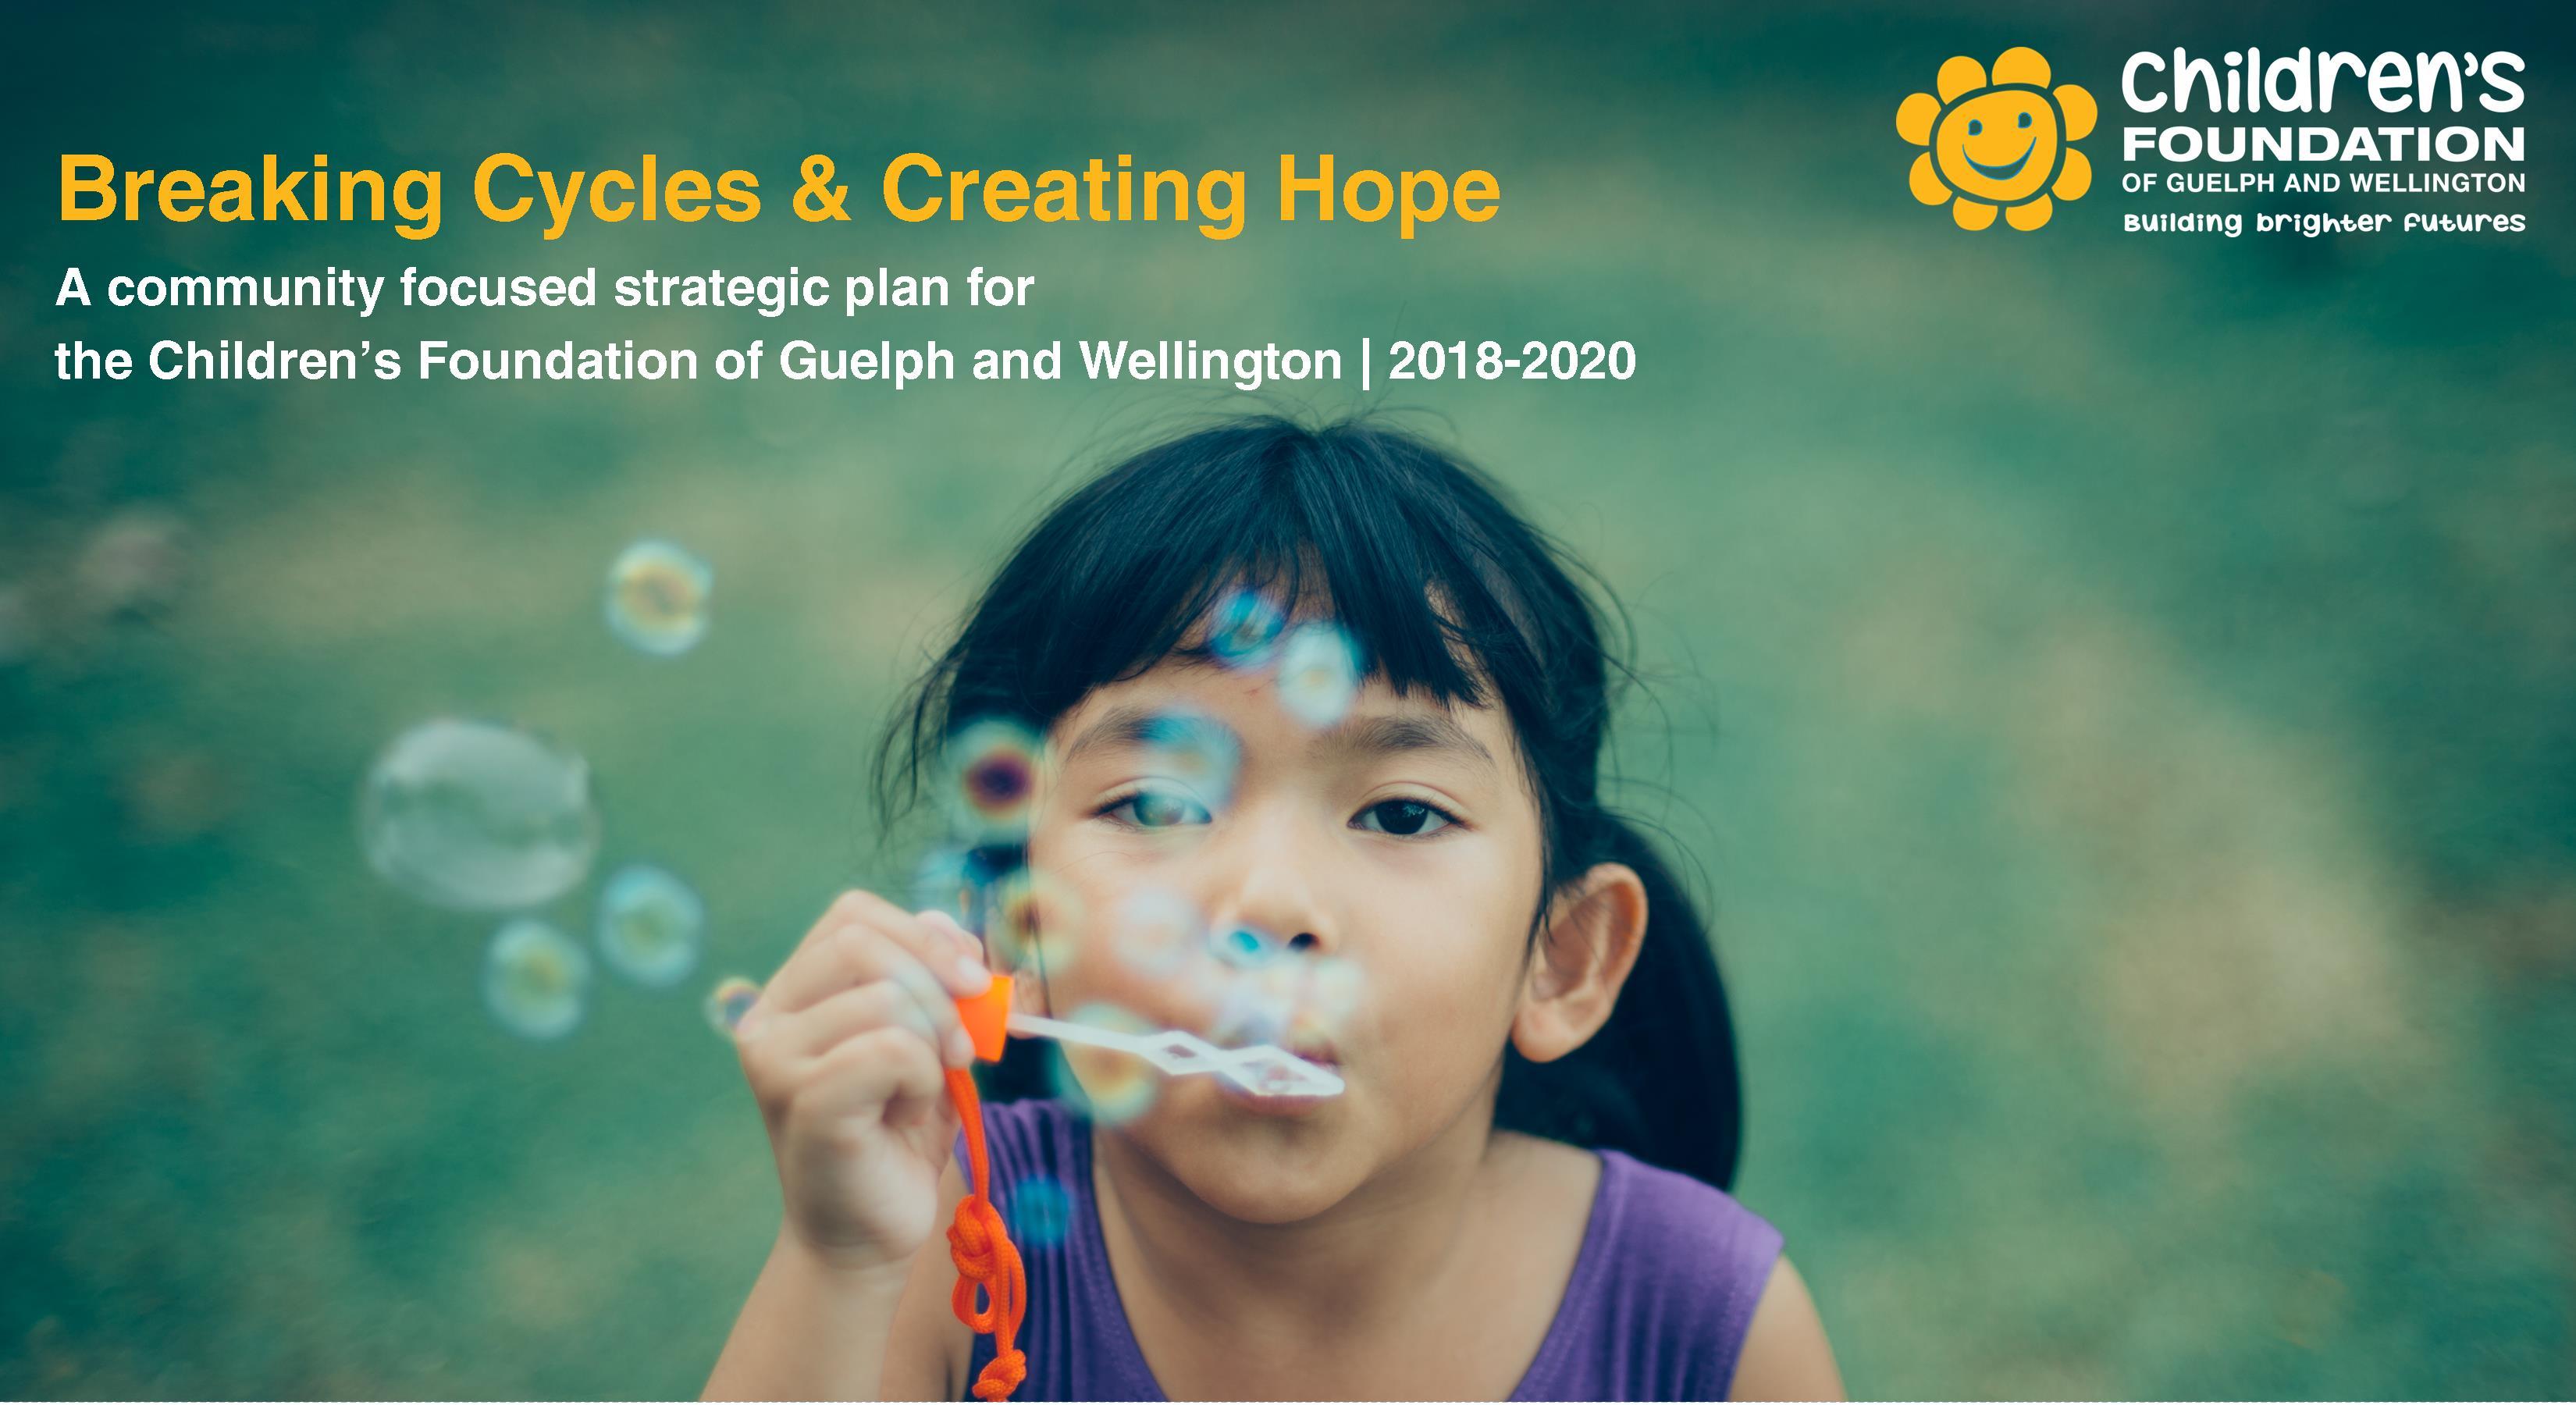 Breaking Cycles & Creating Hope